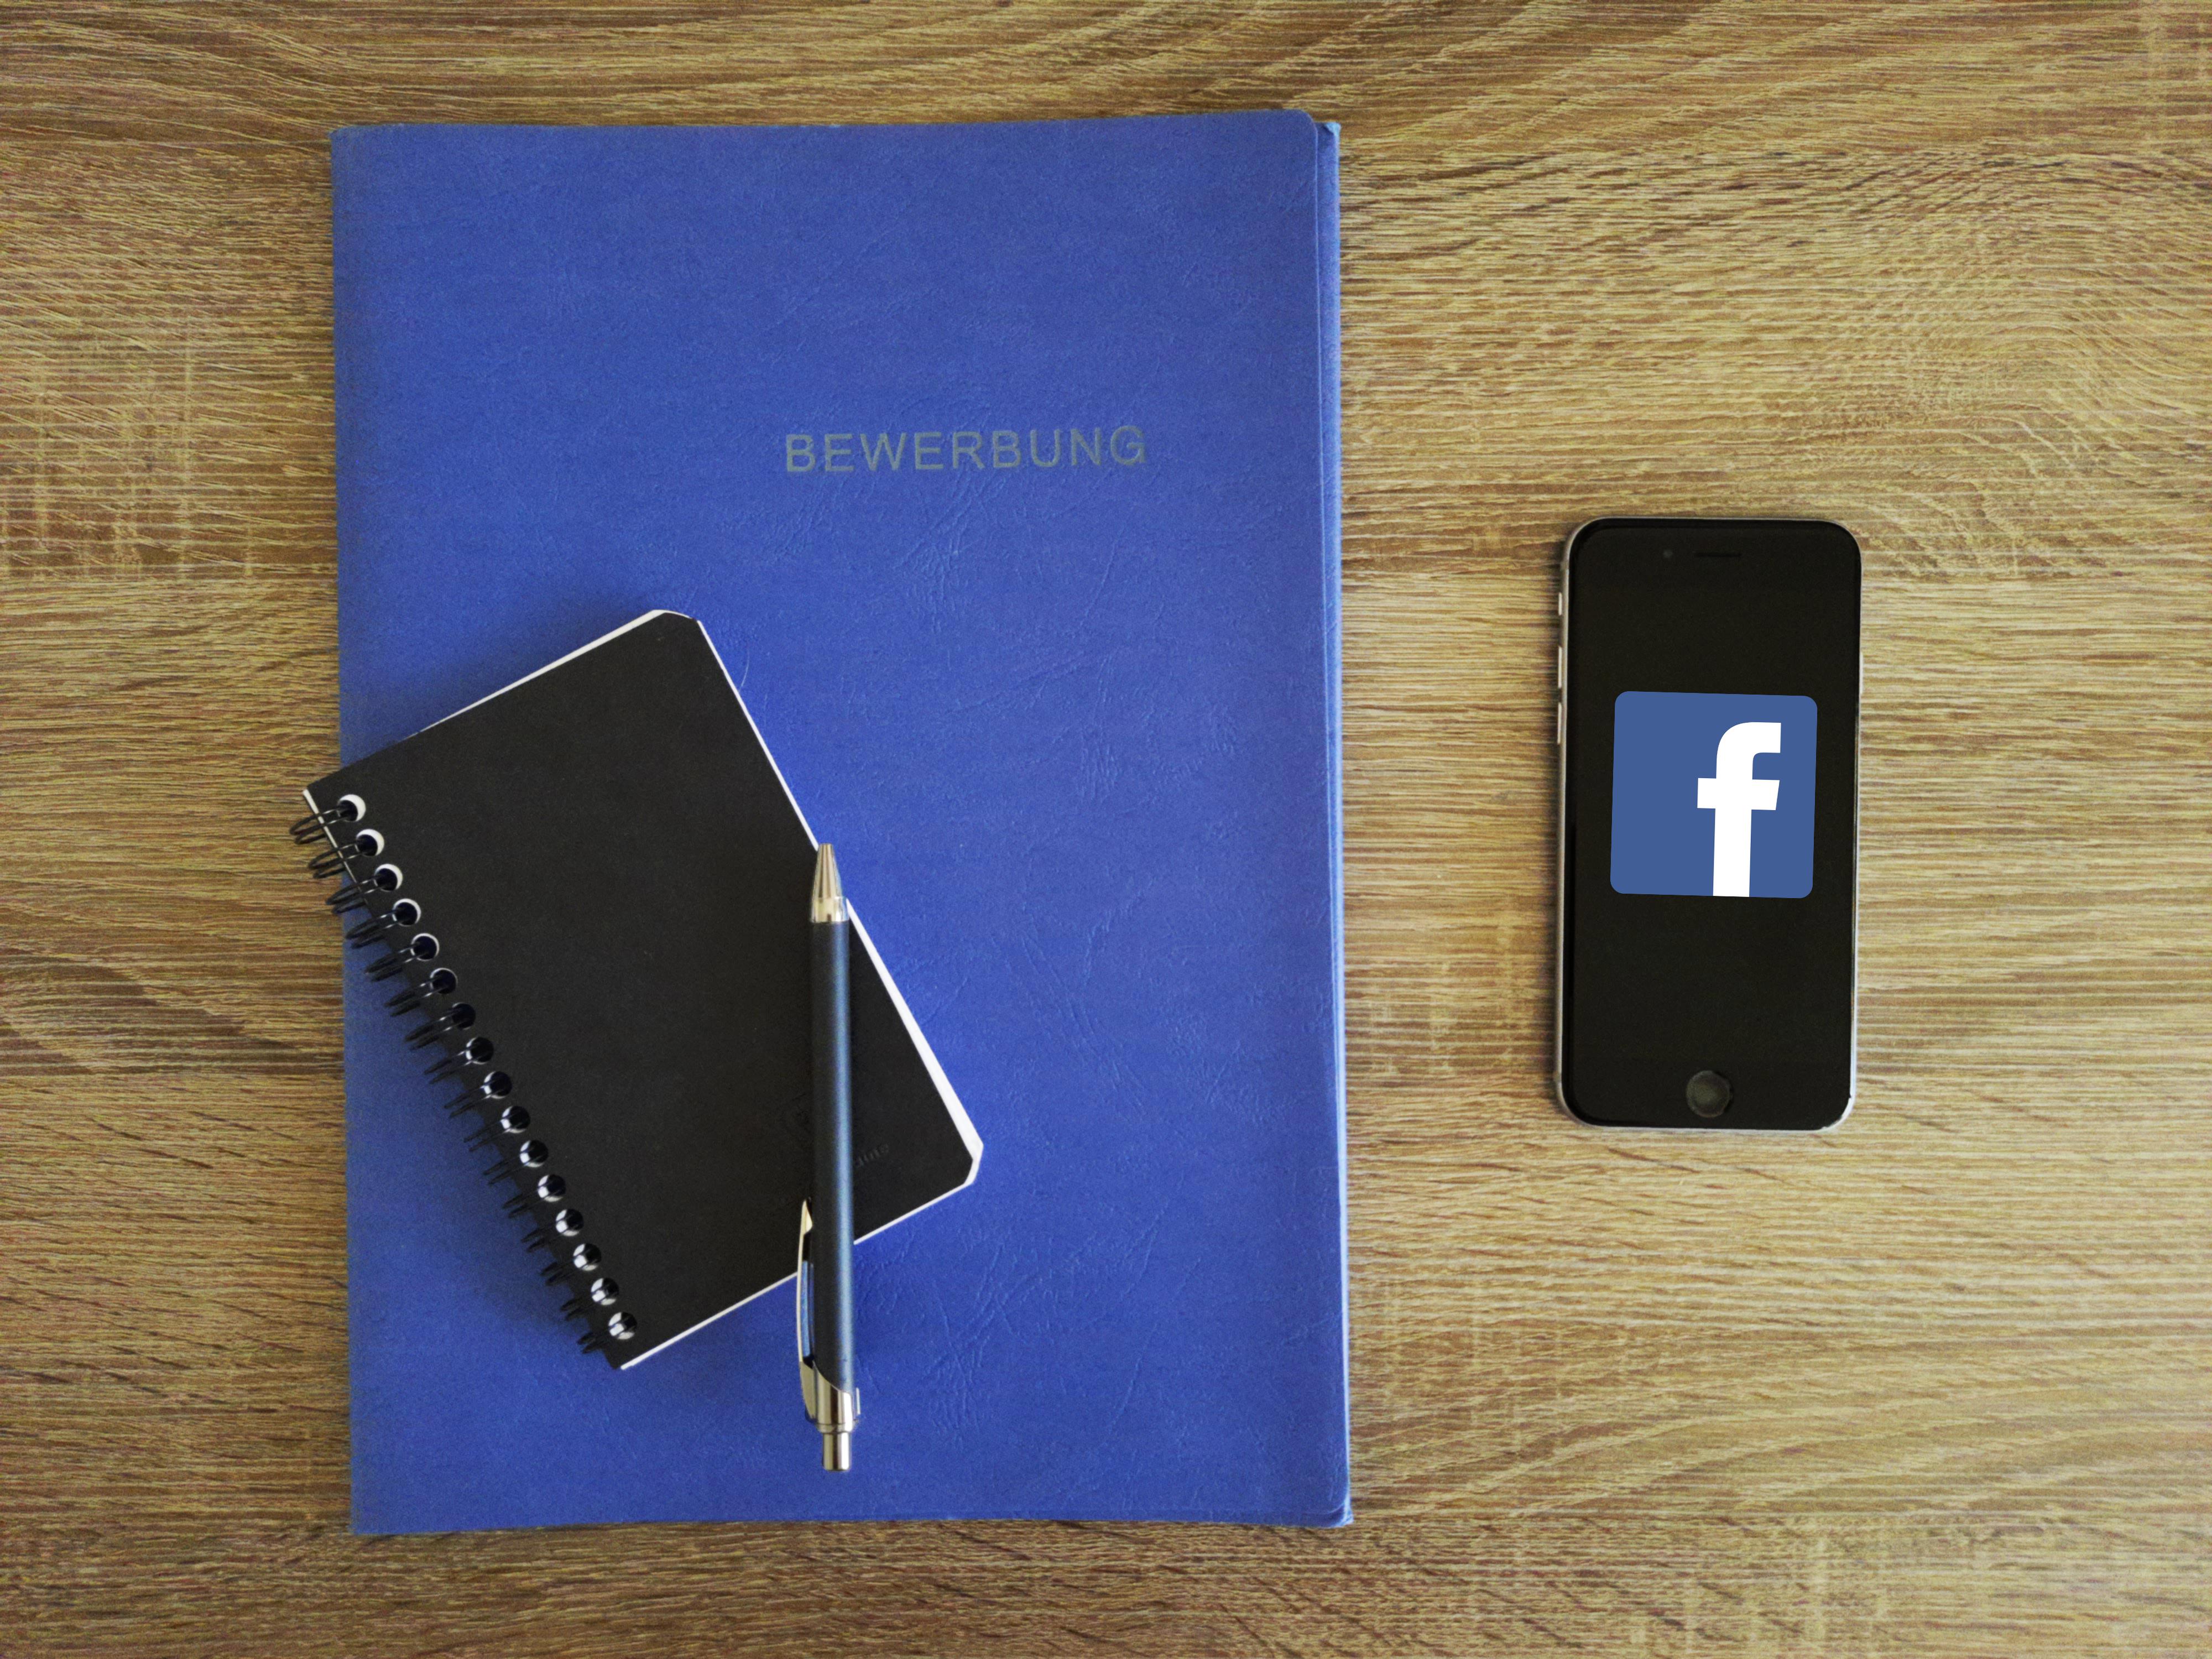 Facebook Recruiting: Bewerbungsunterlagen und Smartphone